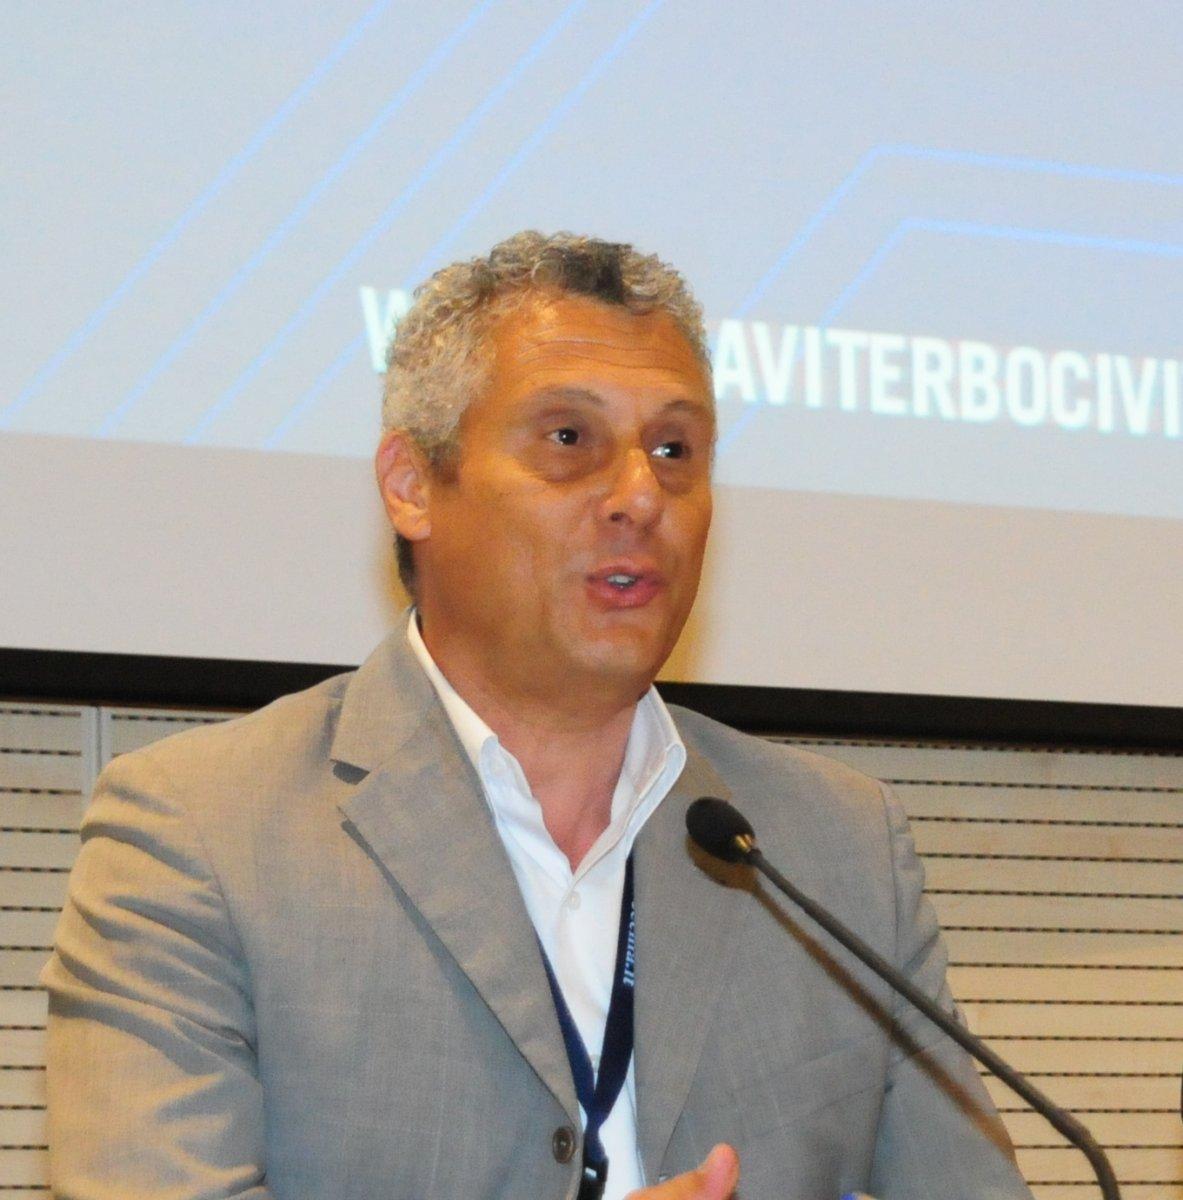 """Civitavecchia-Viterbo, Pieri: """"Positivo l'intervento della Regione che abbatte le spese per il finanziamento dei Confidi"""""""